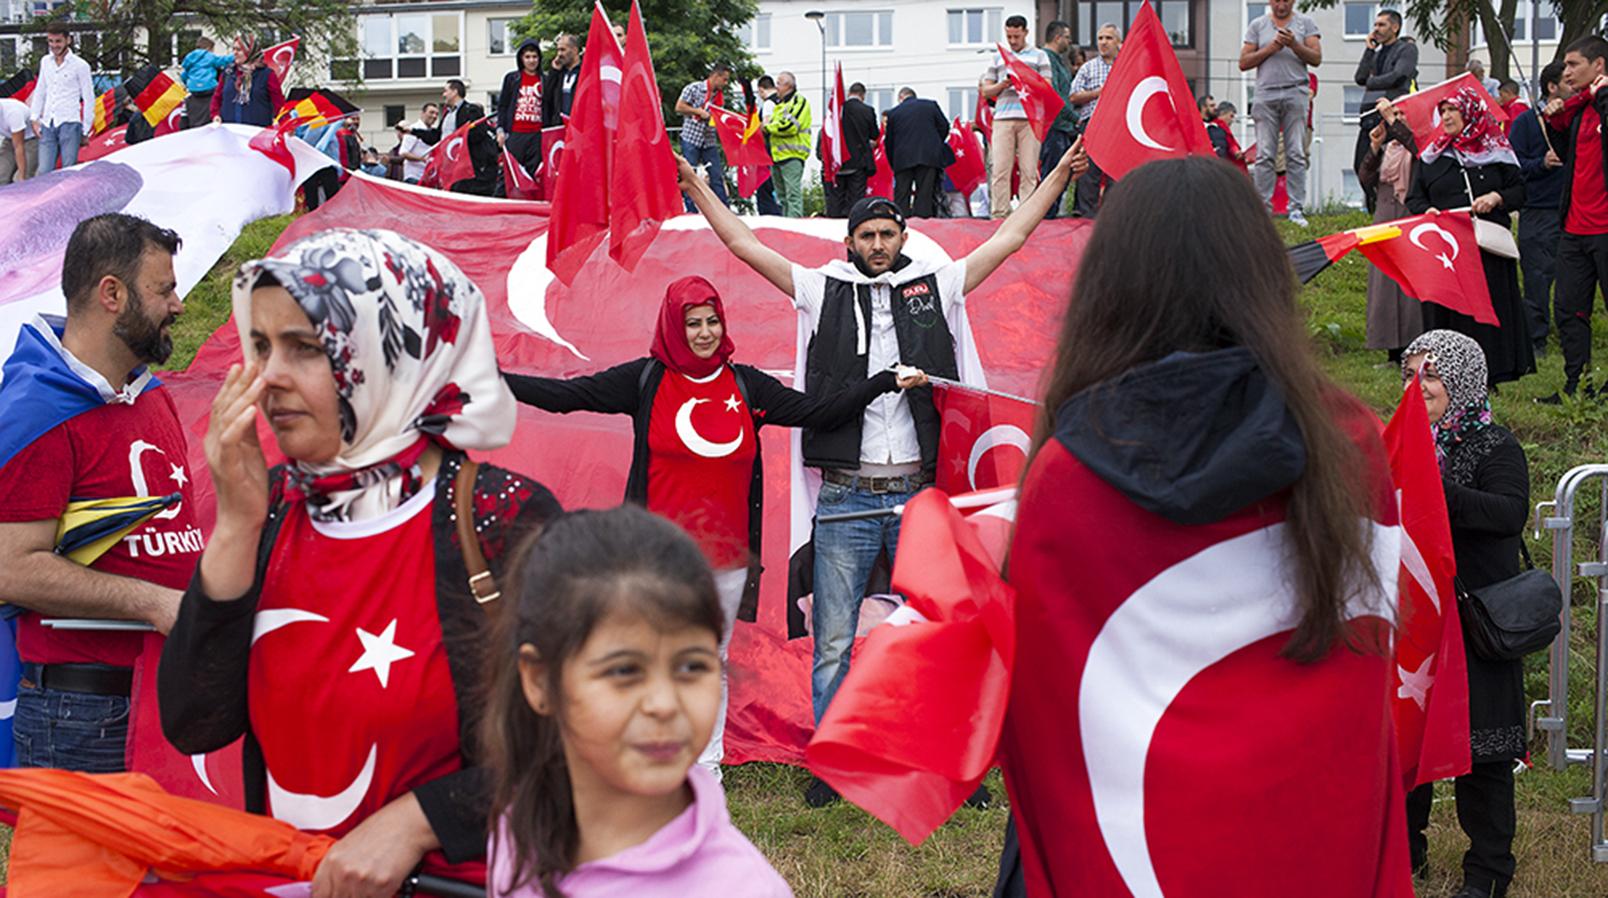 Anhänger des türkischen Präsidenten Recep Tayyip Erdoğan in Köln 2016, Foto: Mathias Schumacher